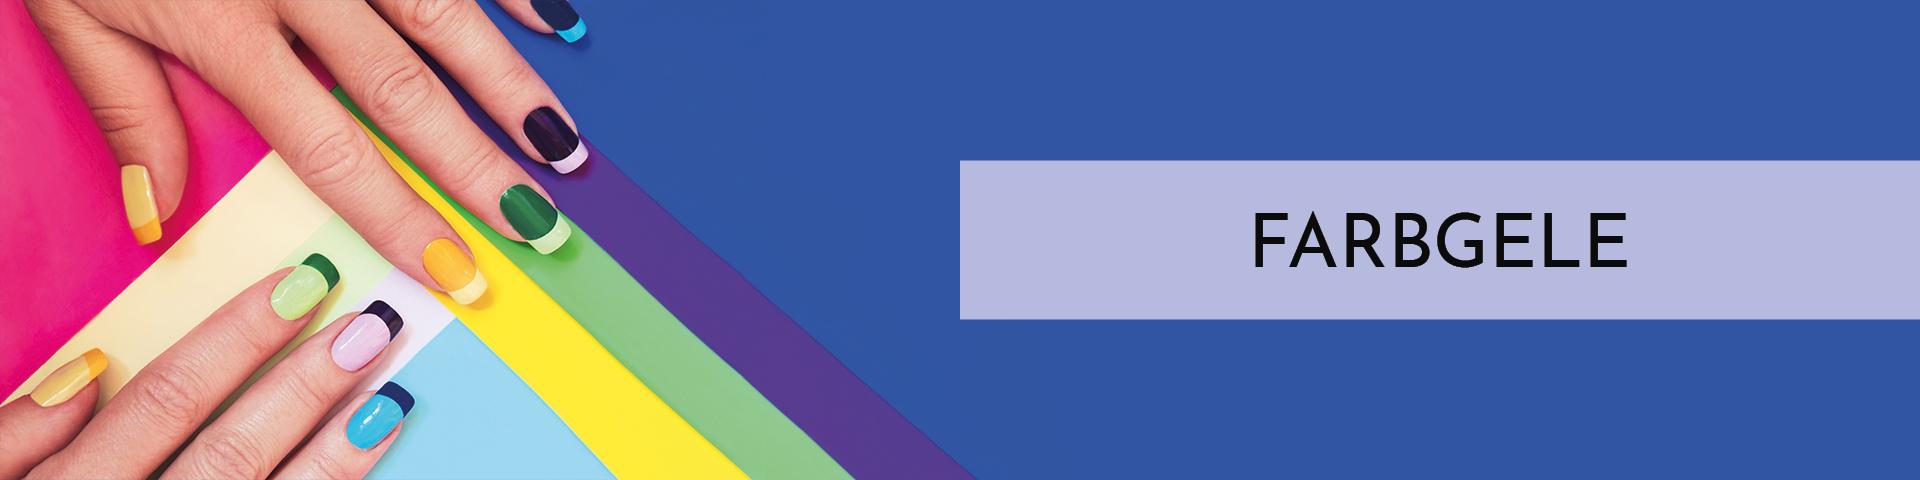 UV Farbgele